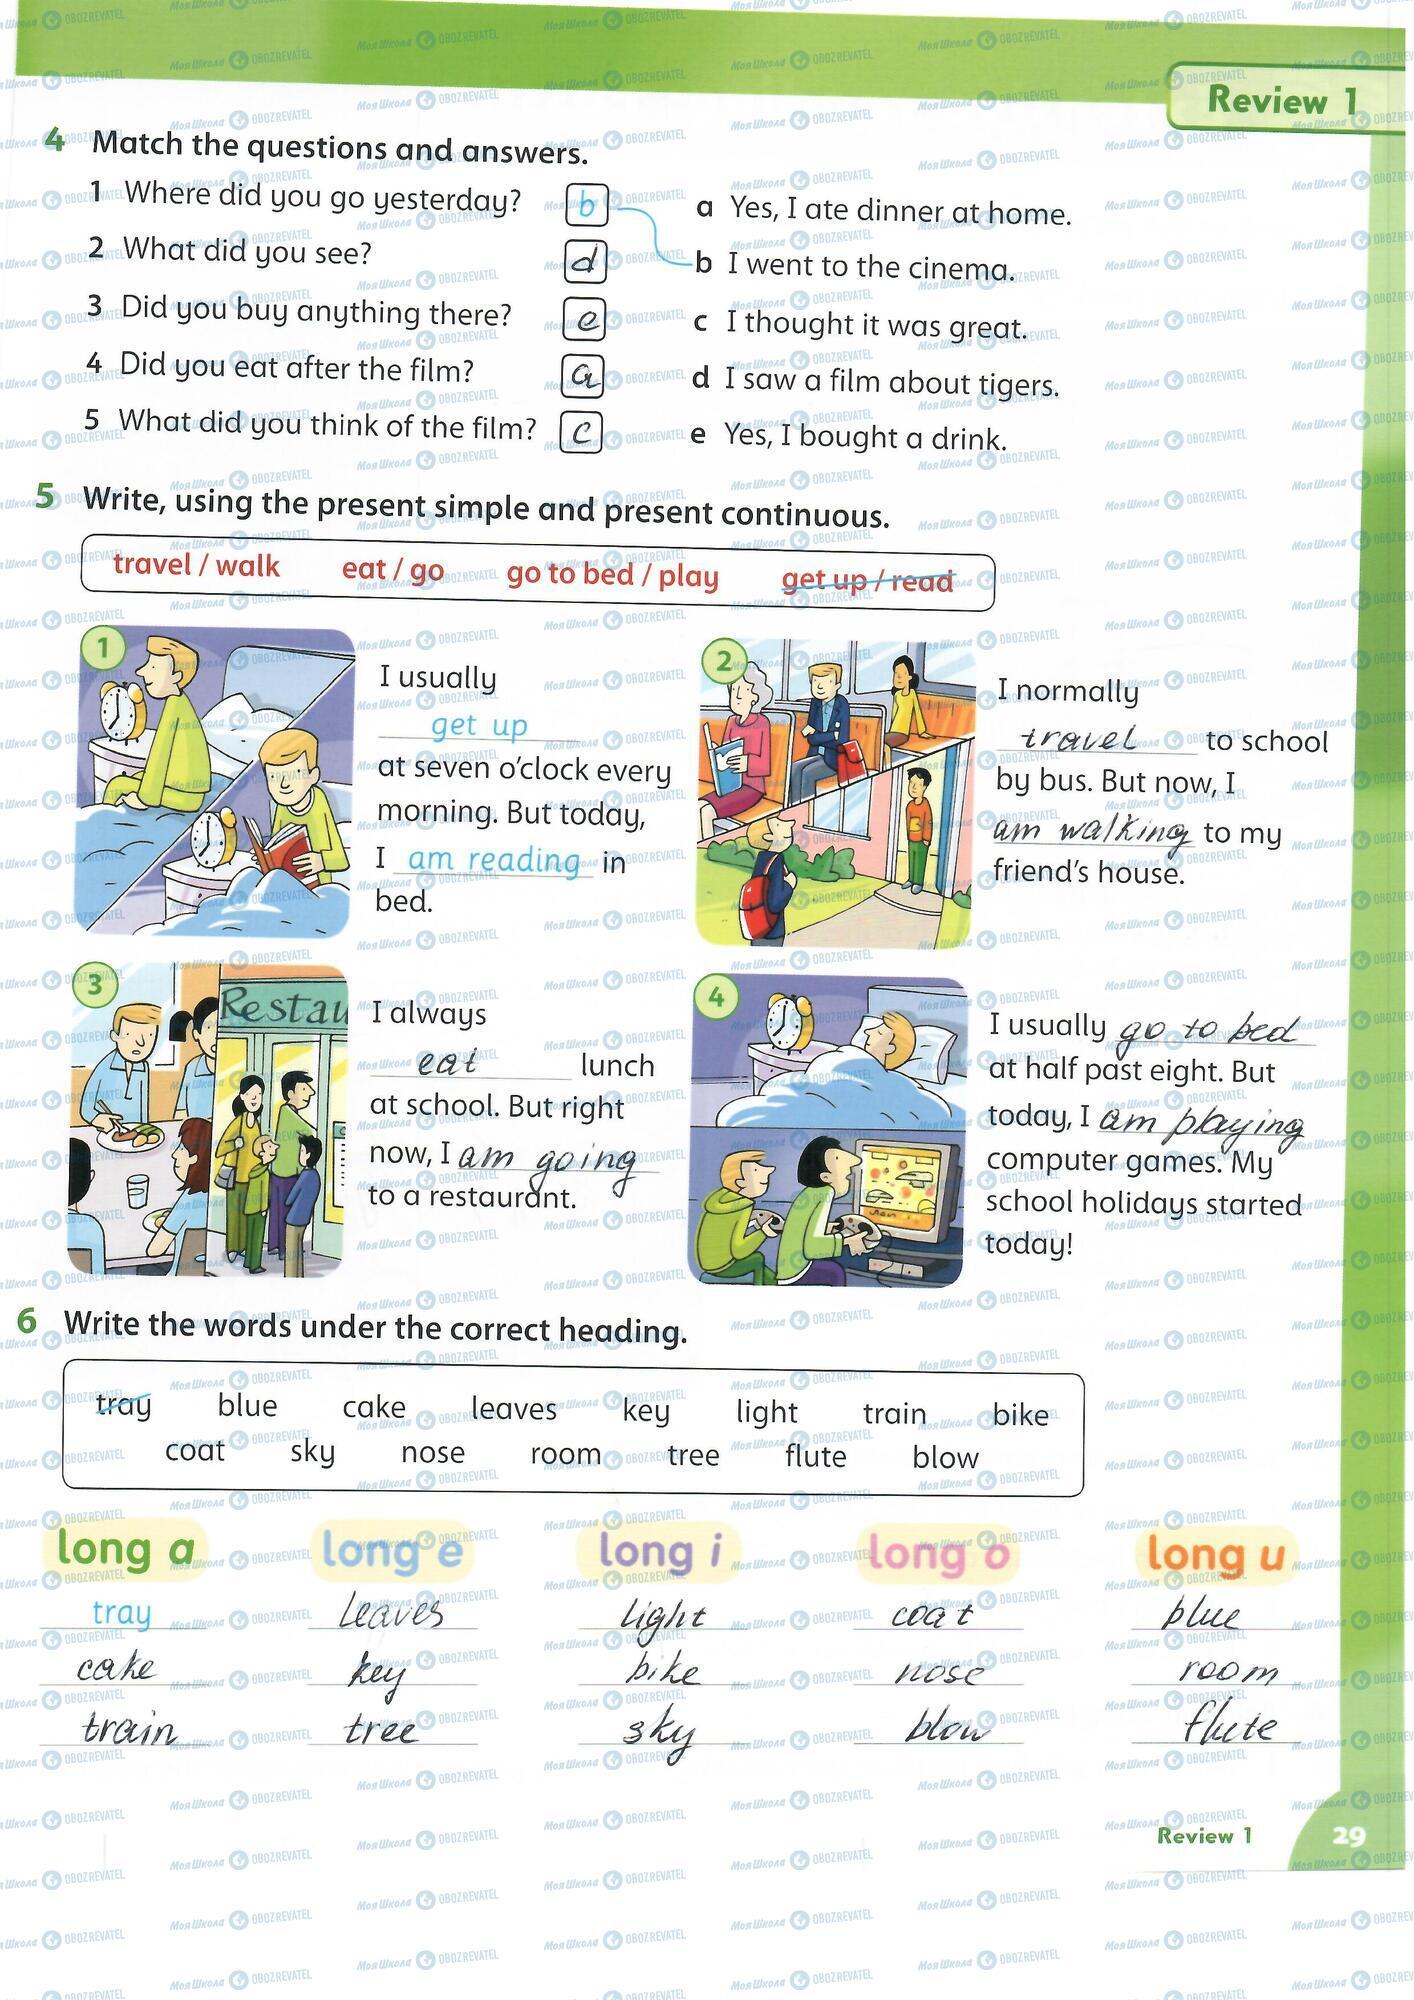 ГДЗ Английский язык 4 класс страница 29